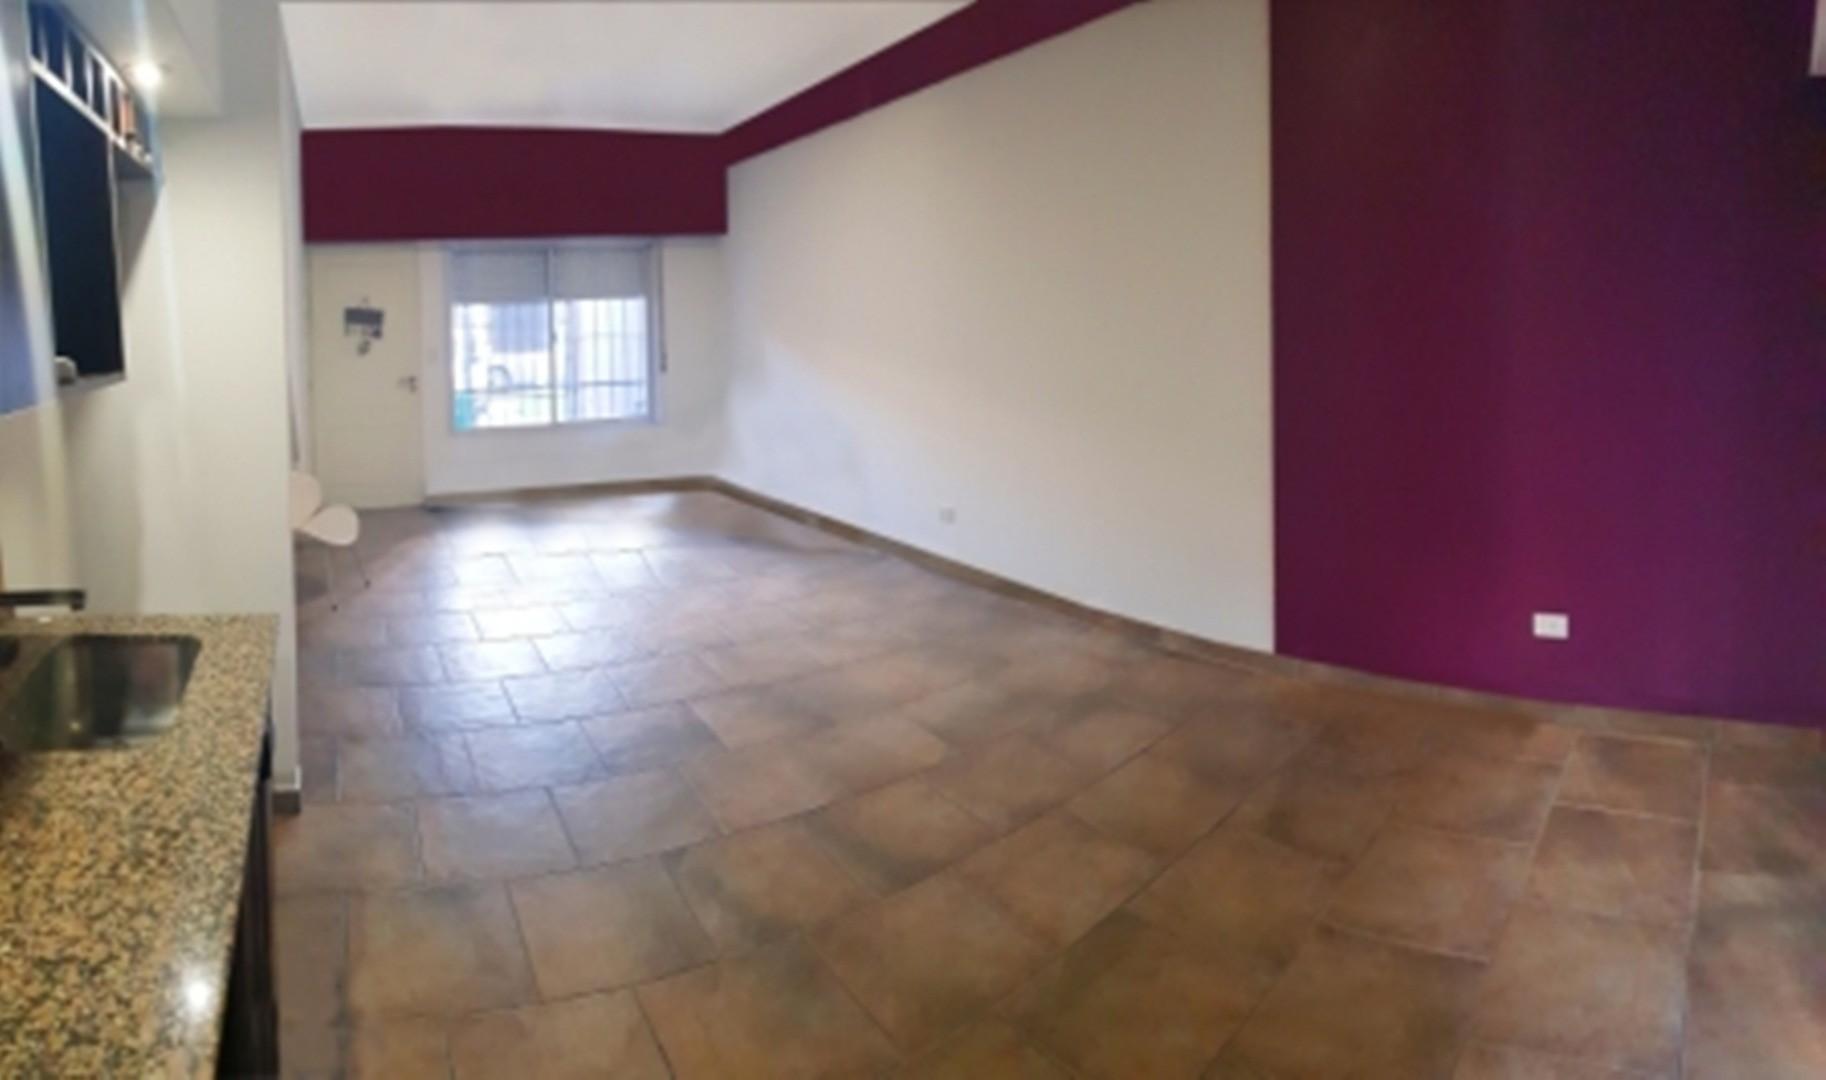 3 amb cochera y patio V.Luzuriaga